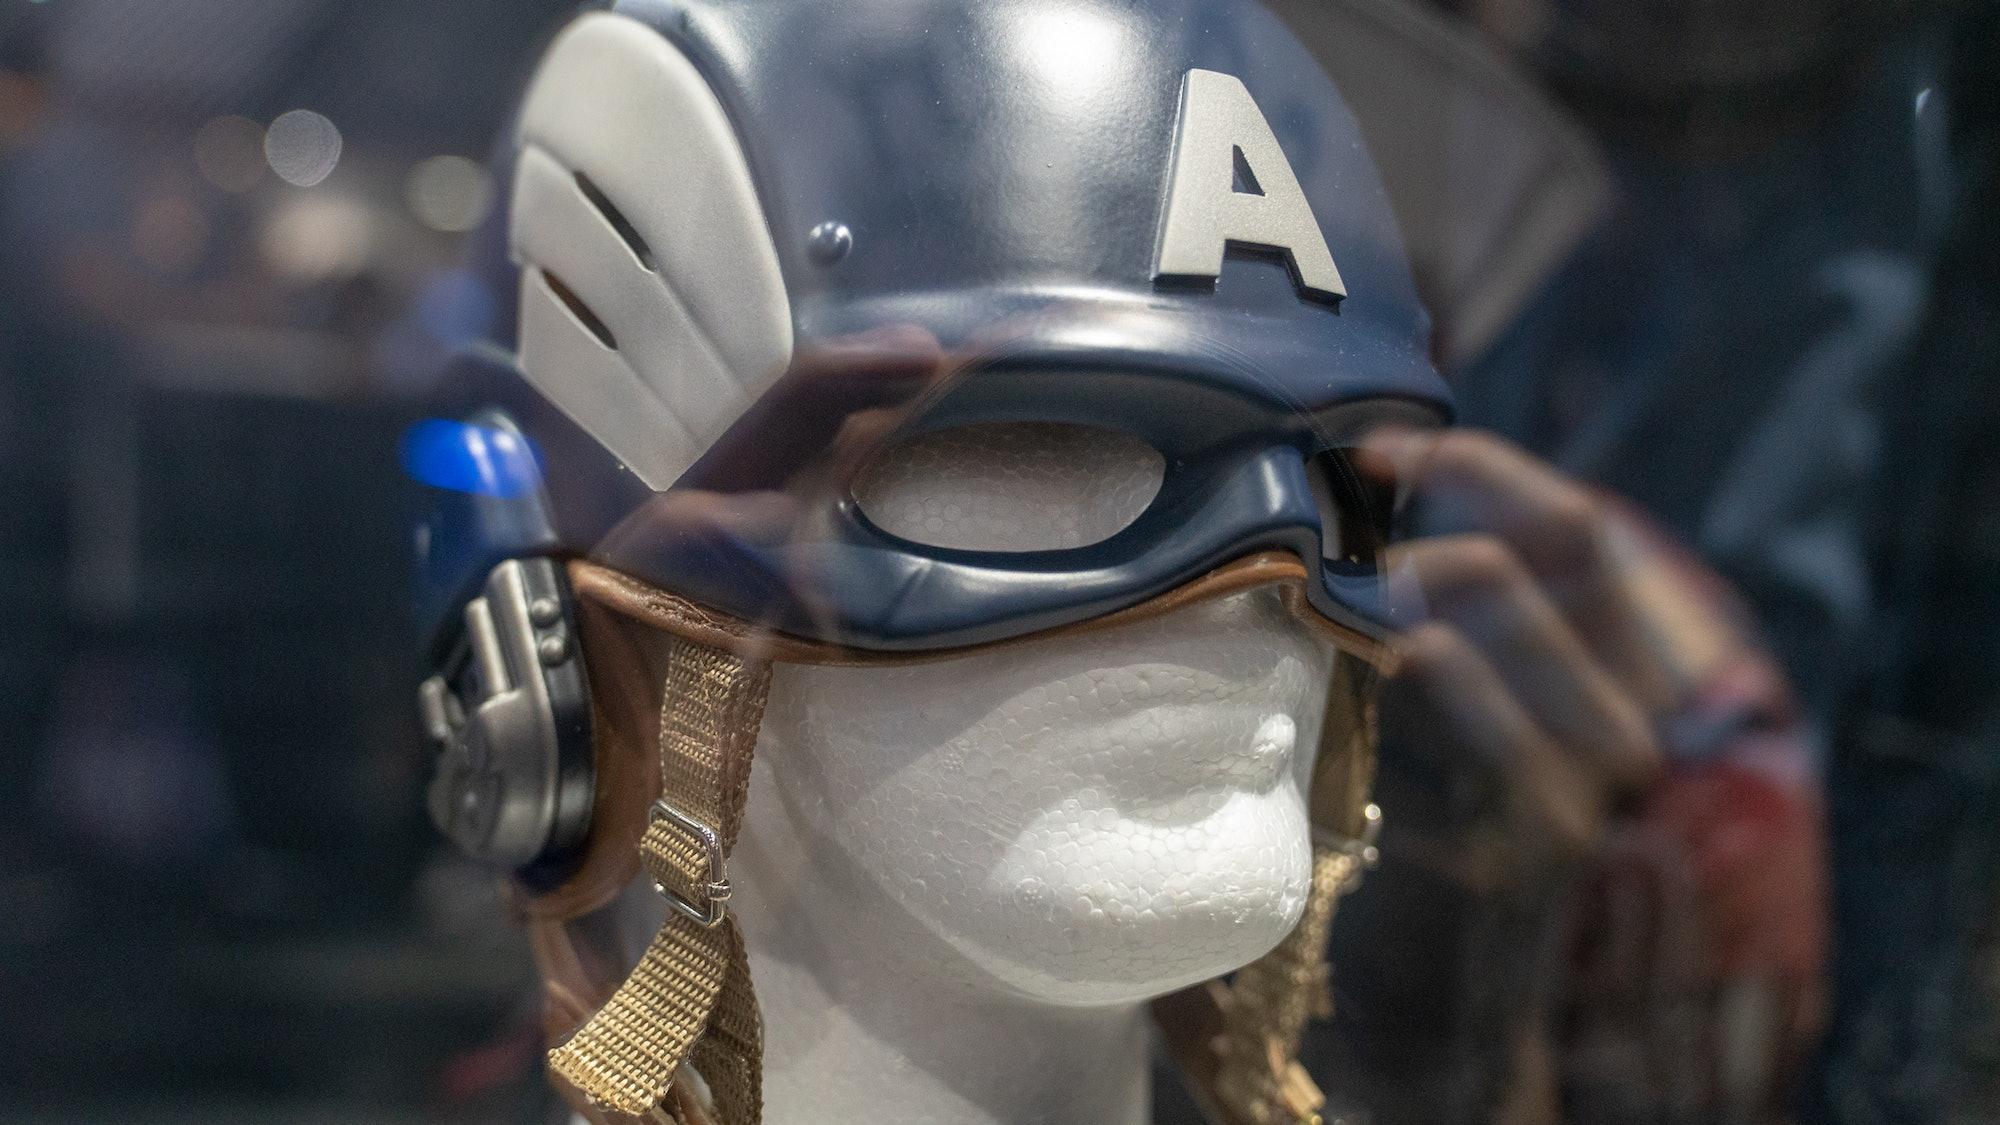 Captain America's helmet in 'Marvel's Avengers'